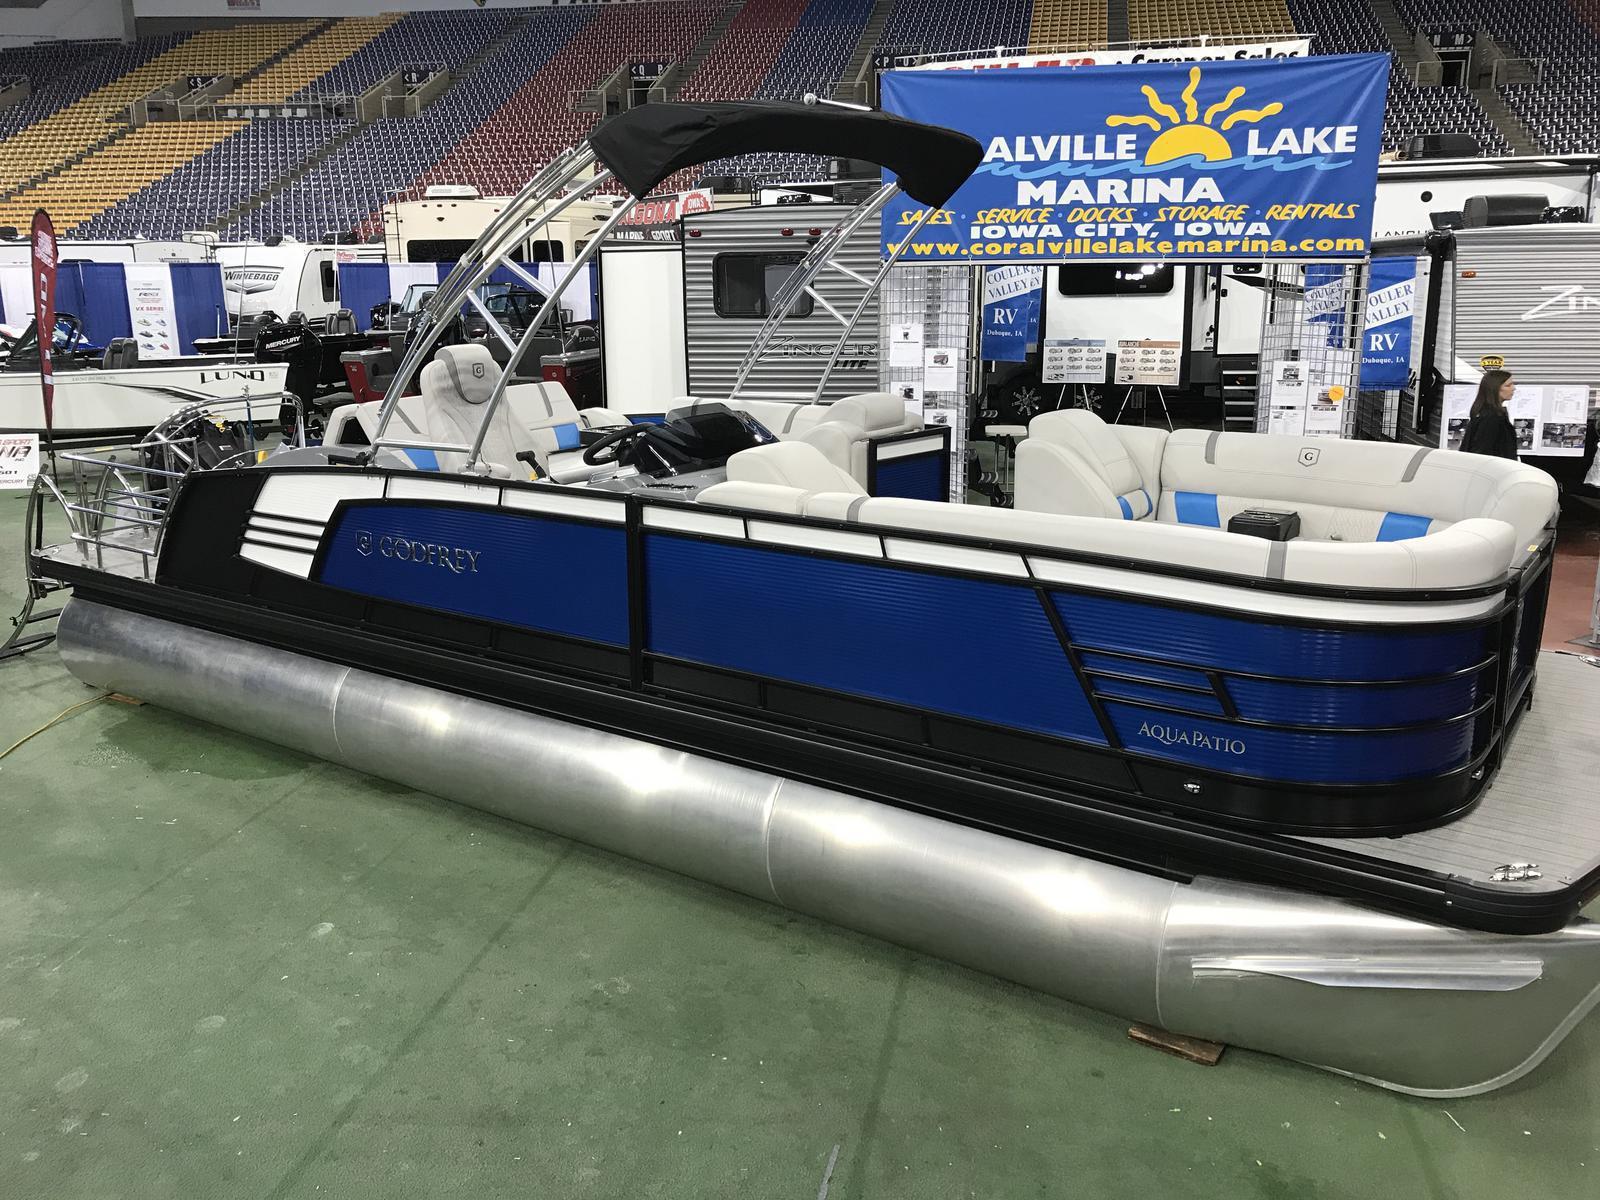 Aqua Patio AP 259 Elite - TT-27 - 350hp Max